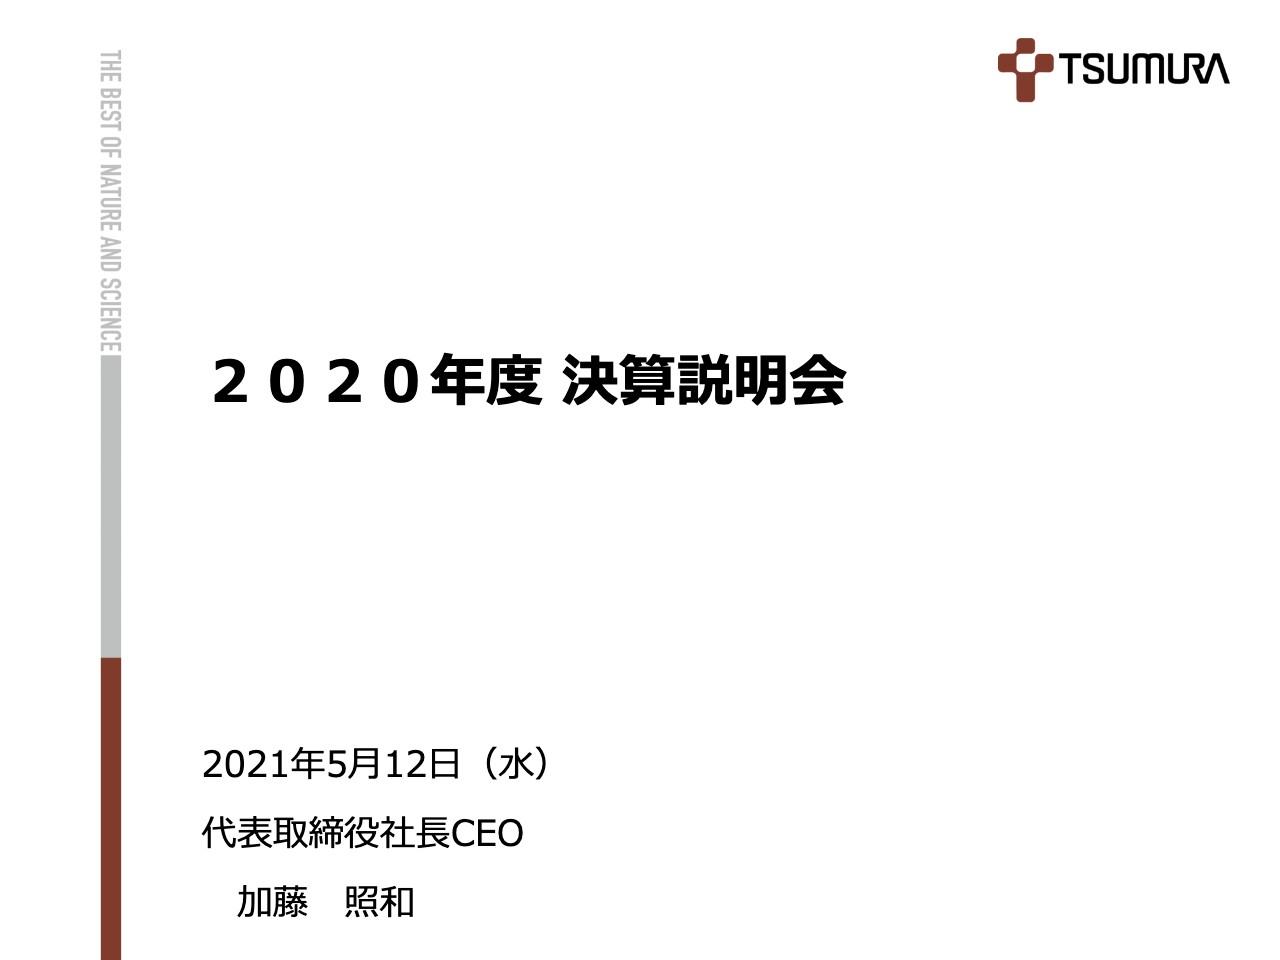 ツムラ、通期は増収増益 ヘルスケア部門の売上高は16.7%の伸長・海外事業が63億円と大きく貢献